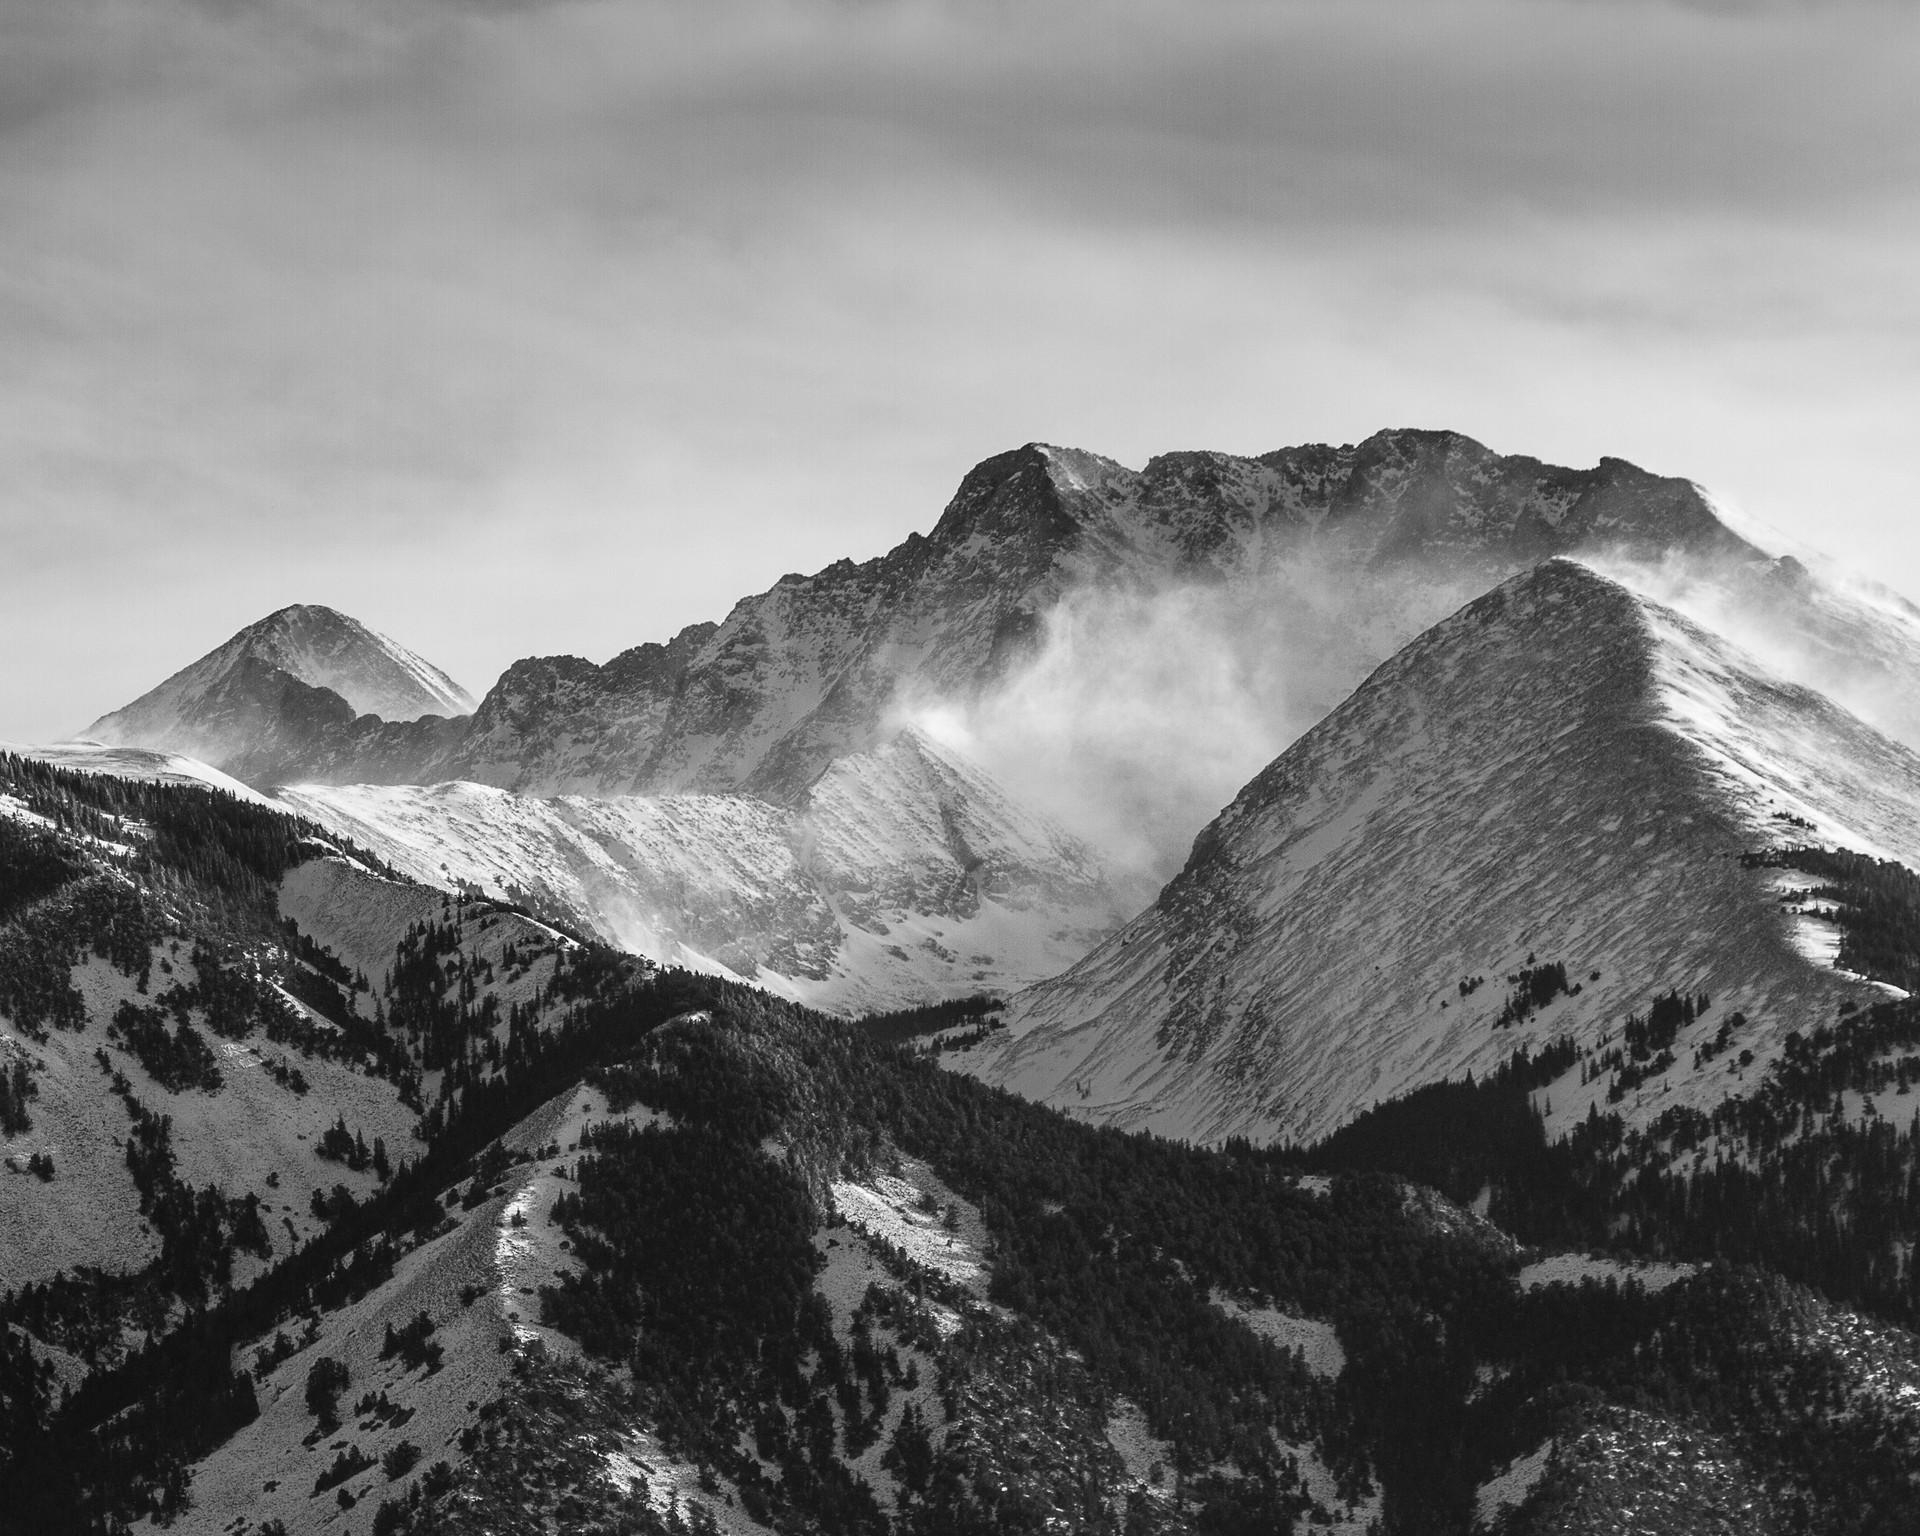 Little Bear Peak and Blanca Peak